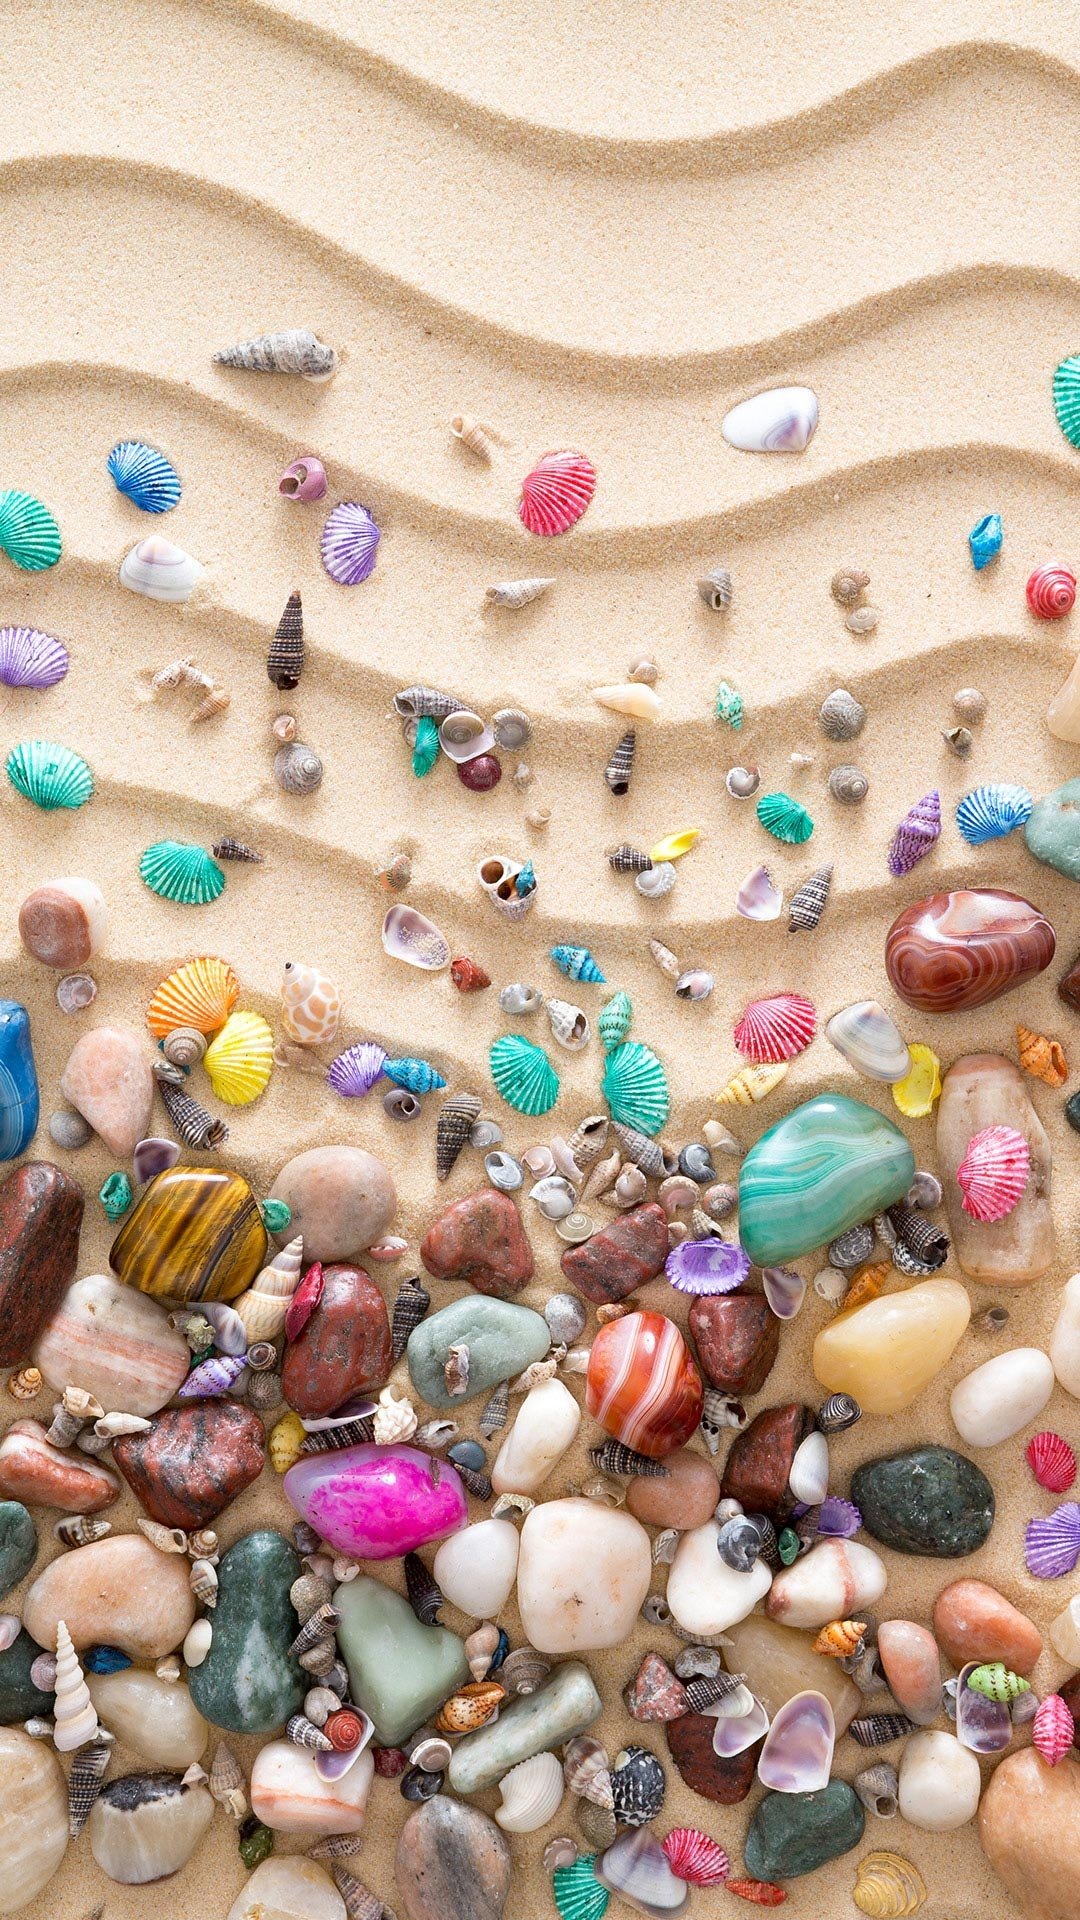 砂の上のカラフルな貝殻iphone 8 Plus Android自然壁紙 Iphoneチーズ